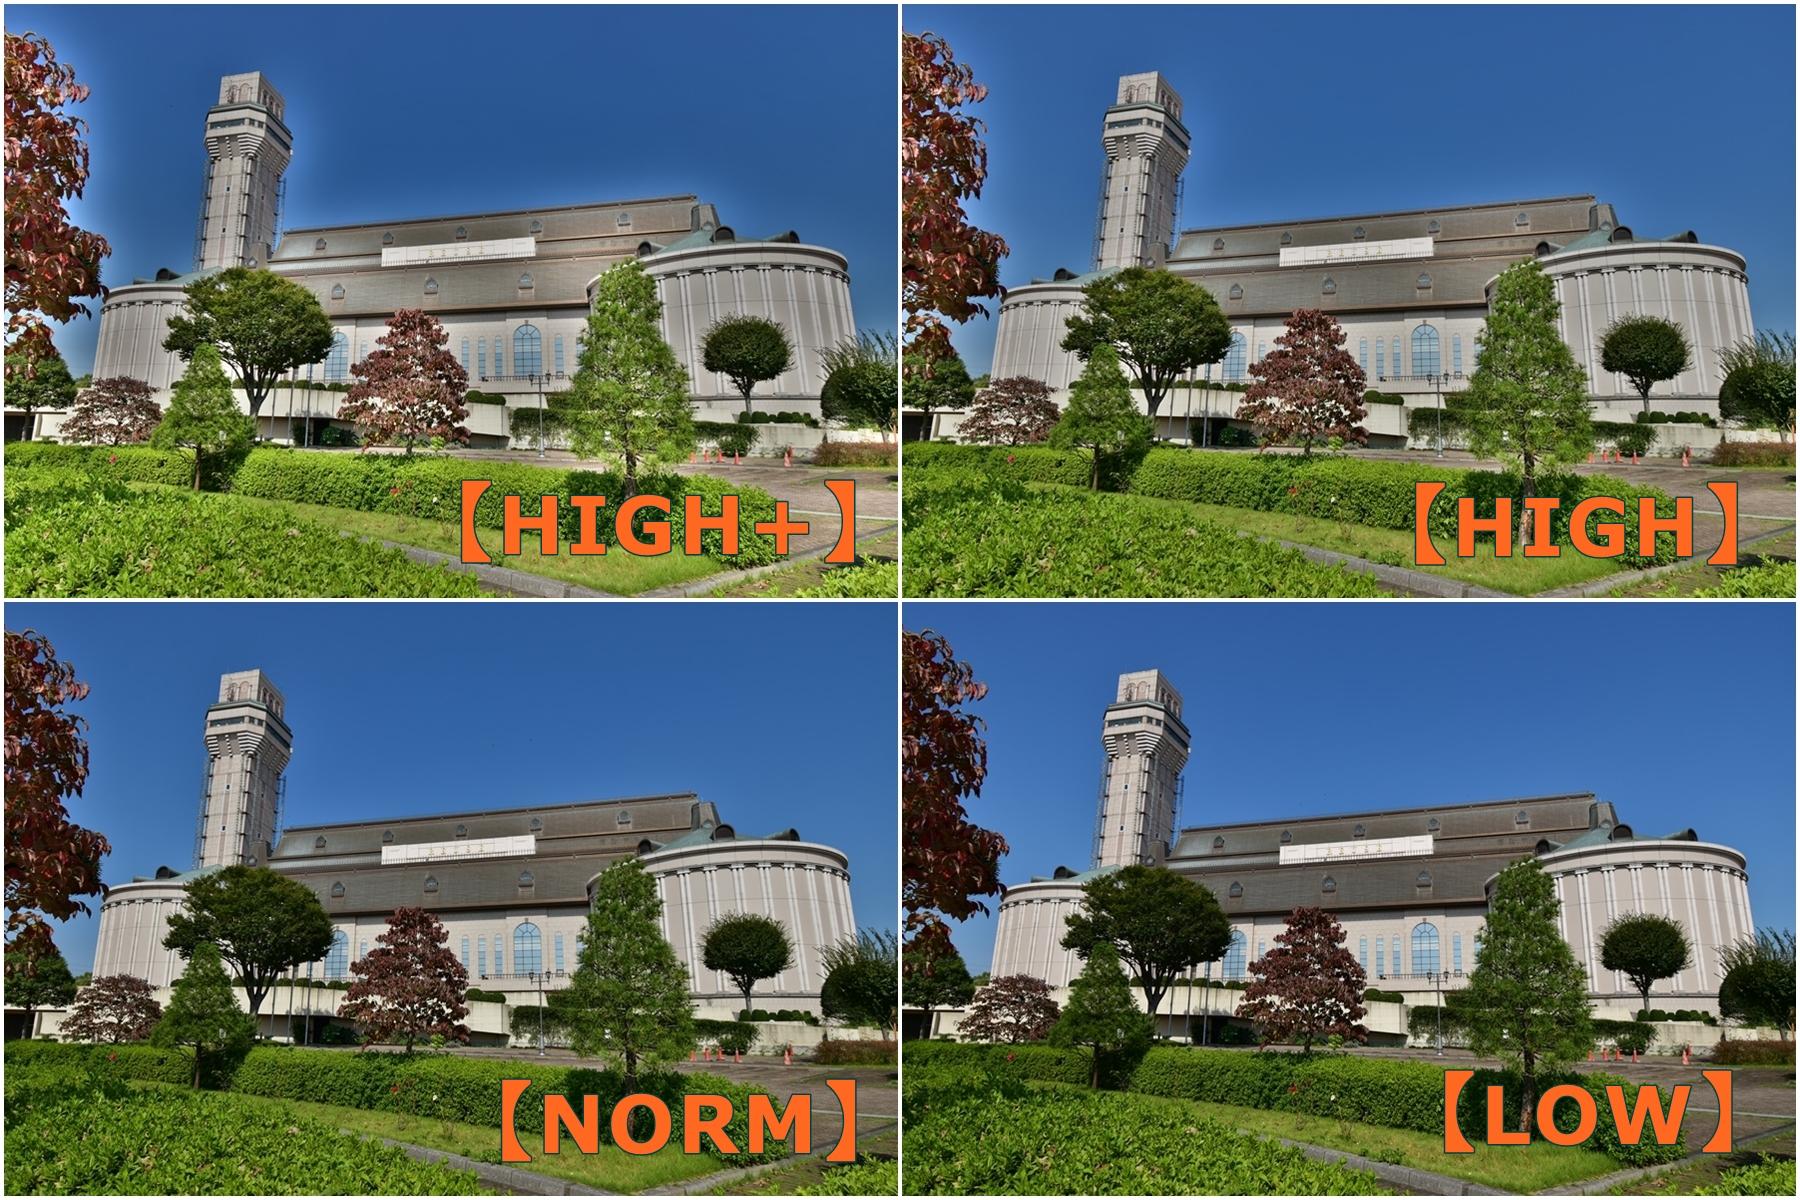 HDR ハイダイナミックレンジ 比較写真